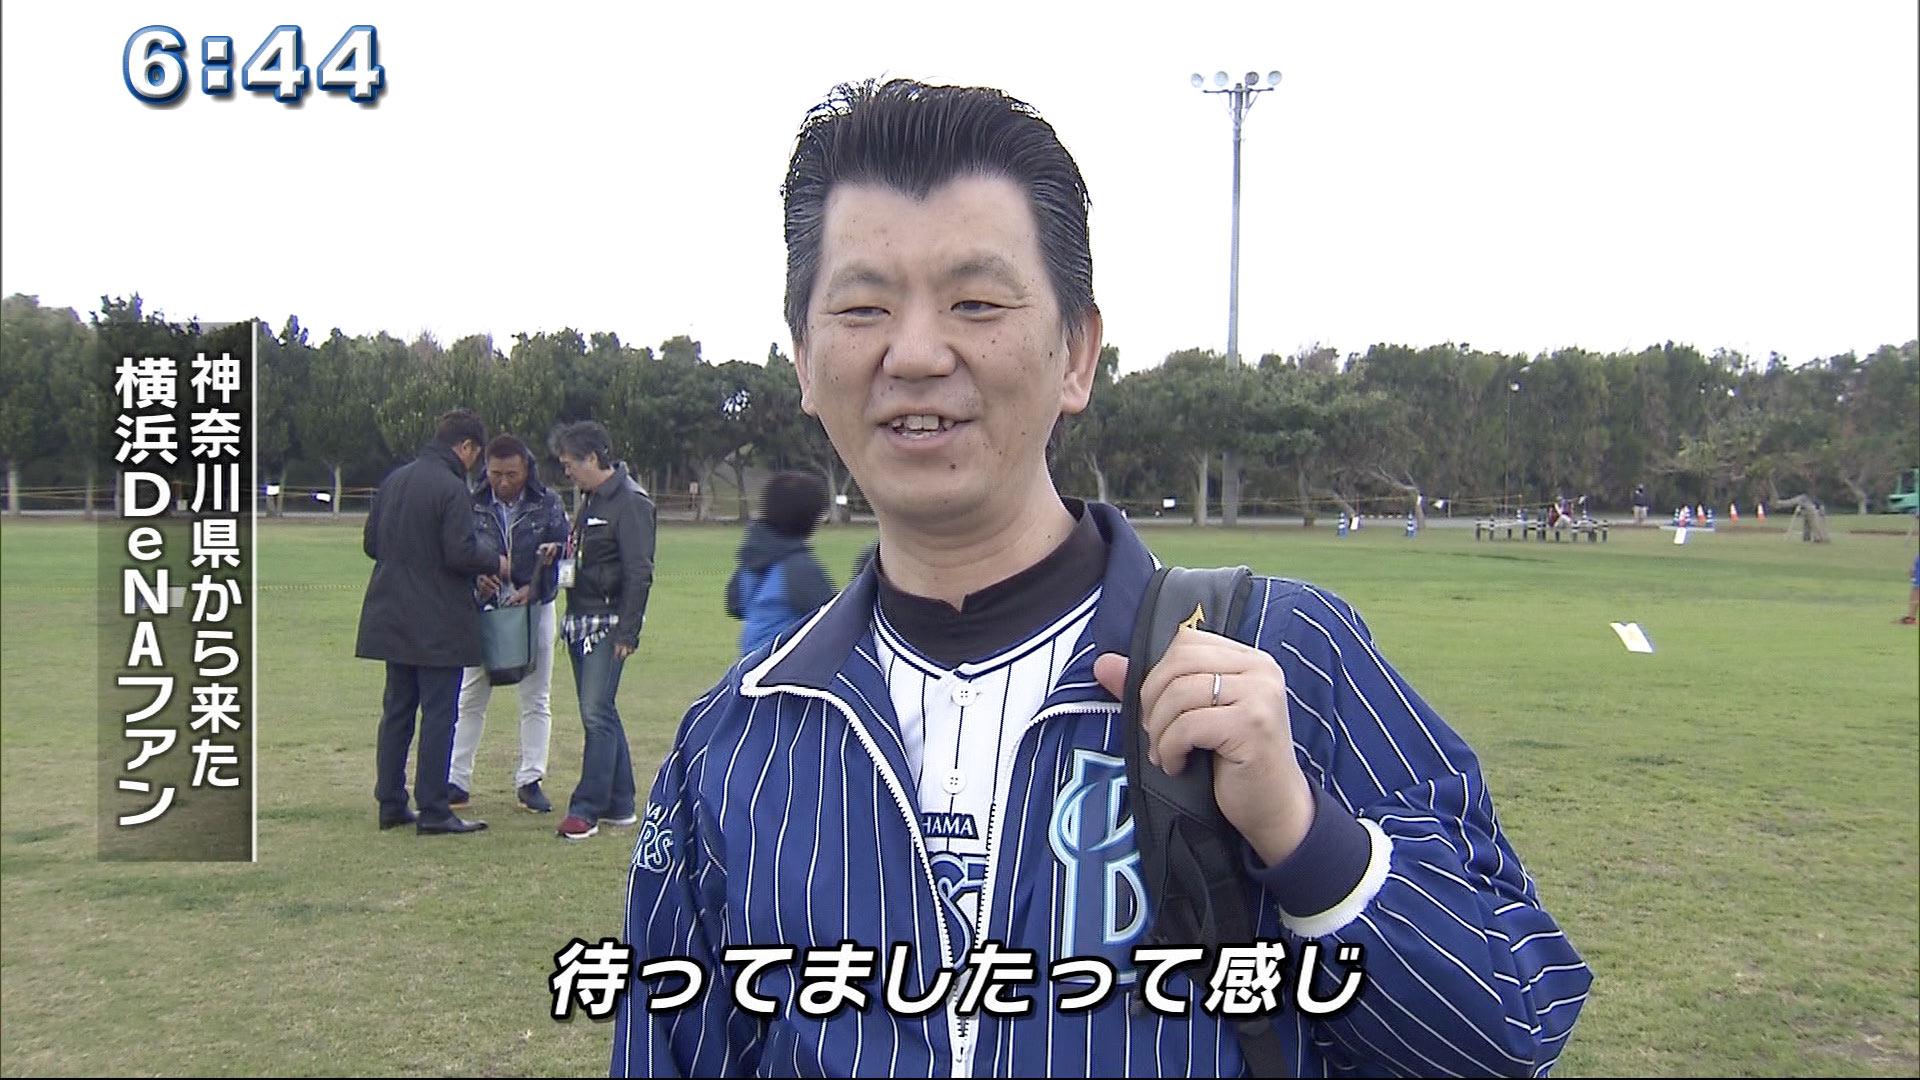 プロ野球キャンプイン 確定